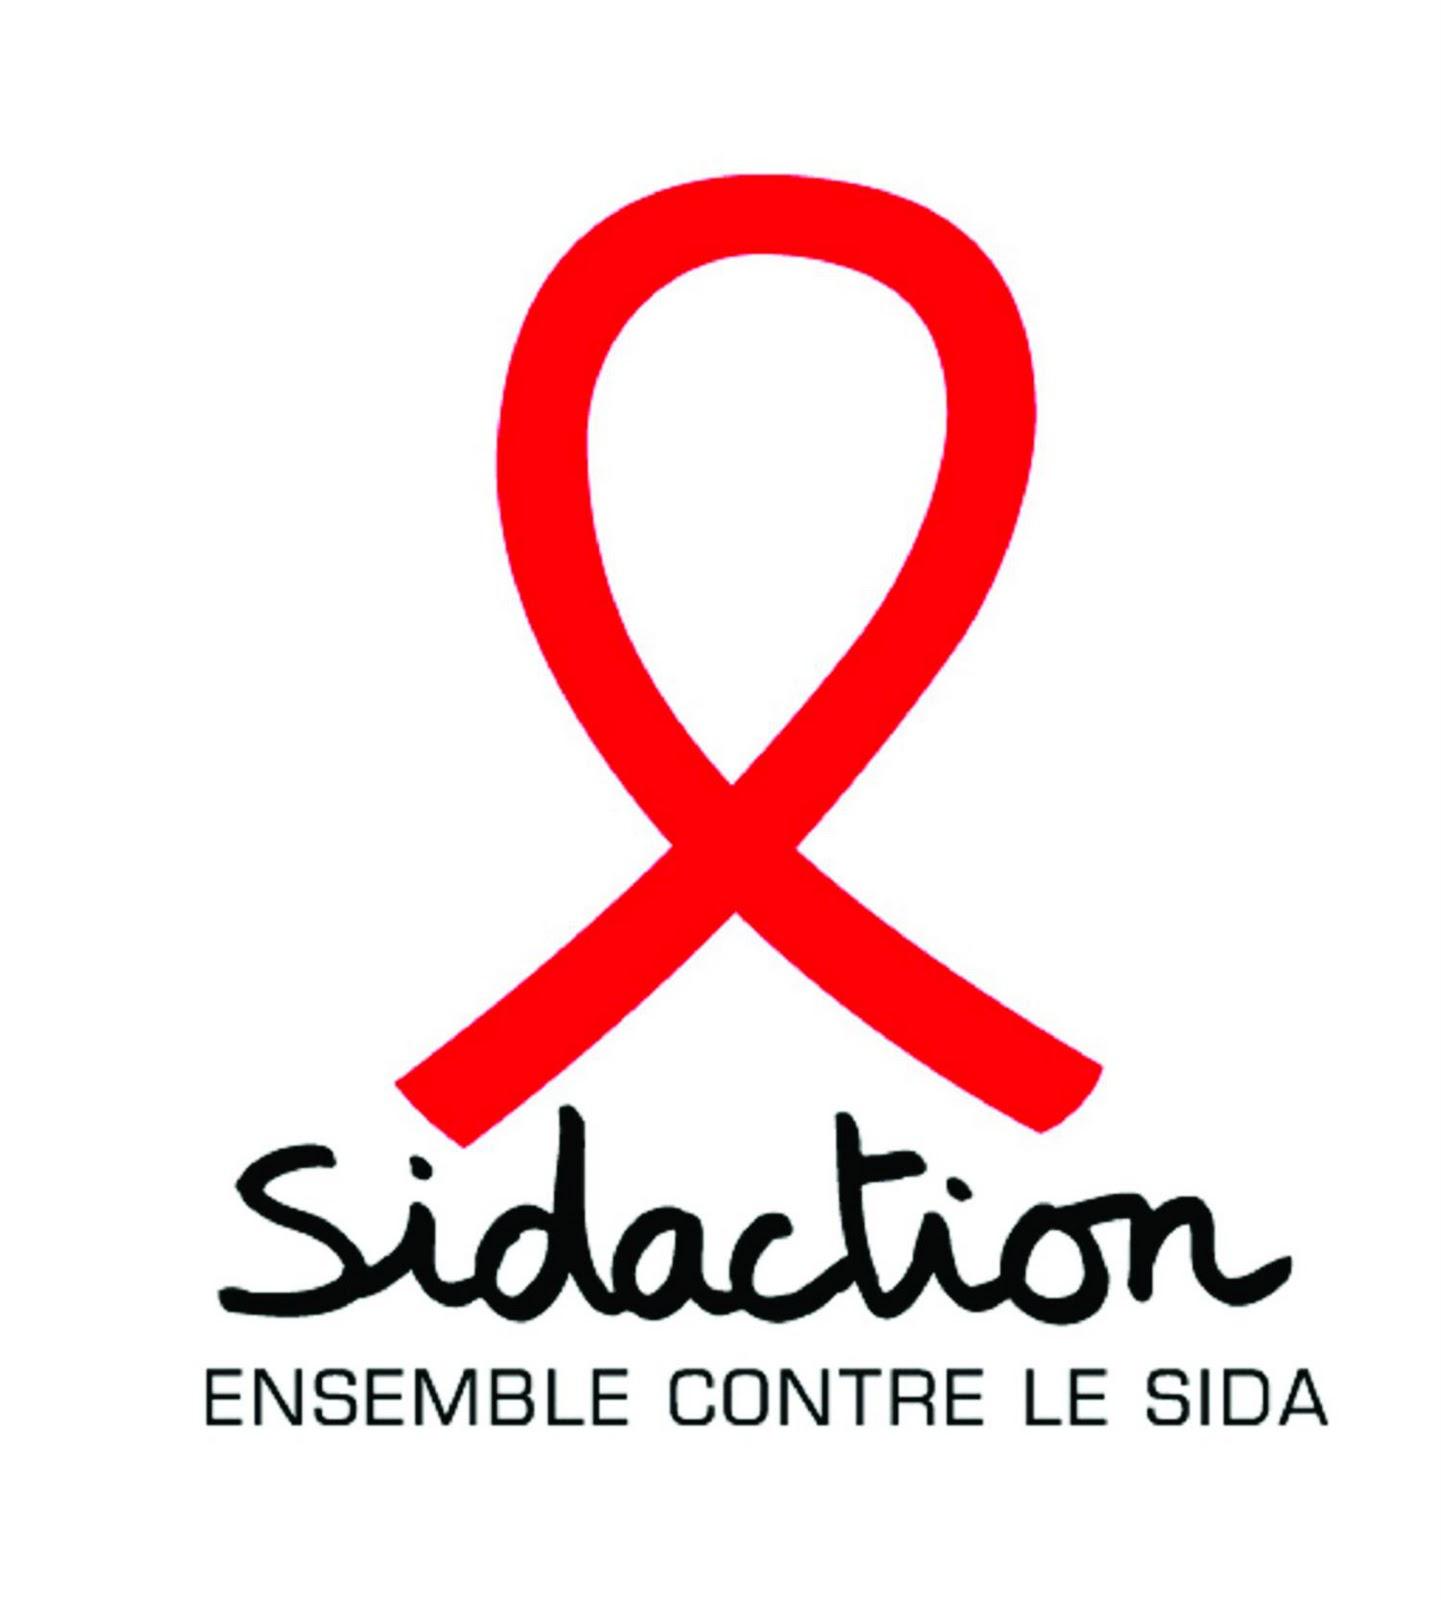 Kit Sidaction gratuit (préservatifs + bracelets)